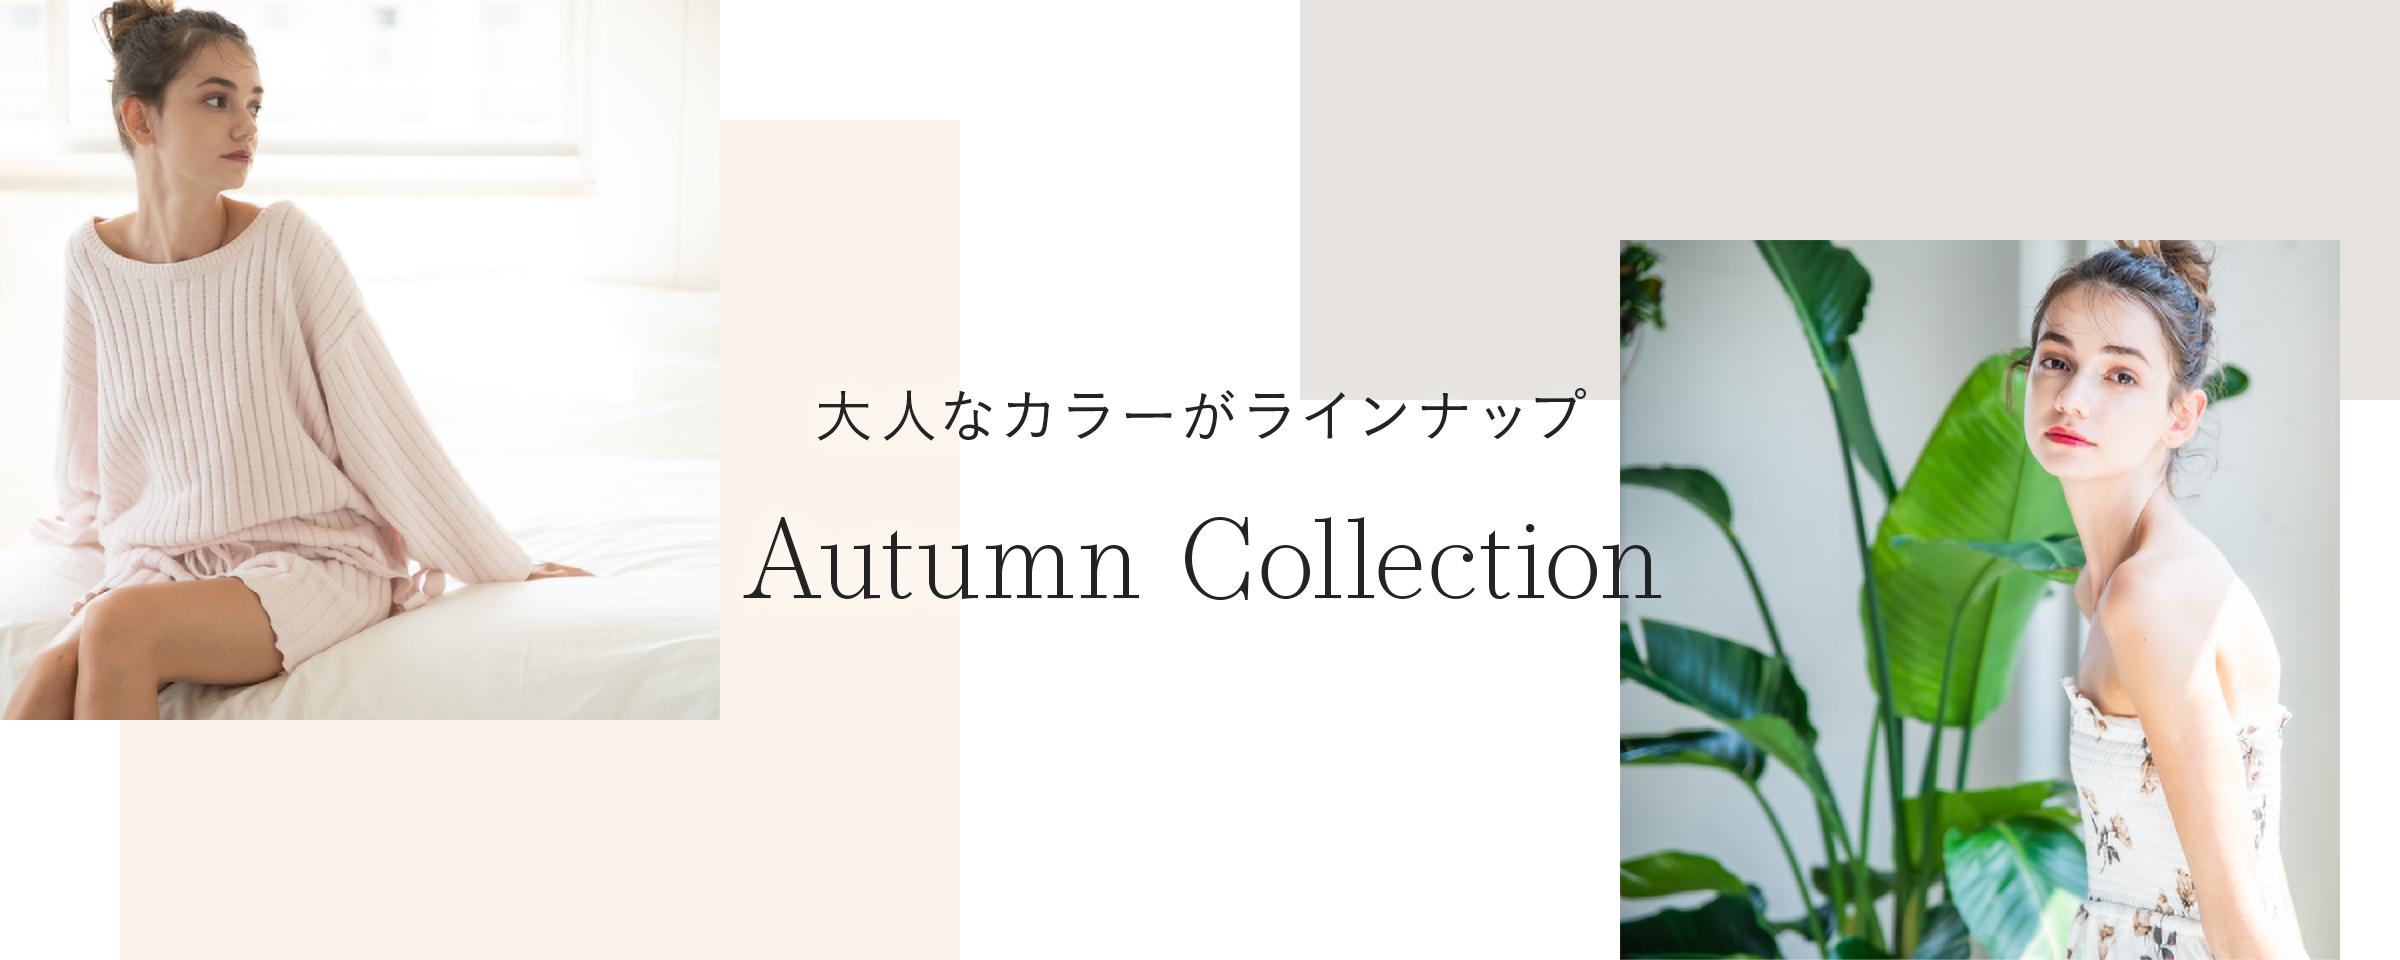 大人なカラーがラインナップ Autumn Collection